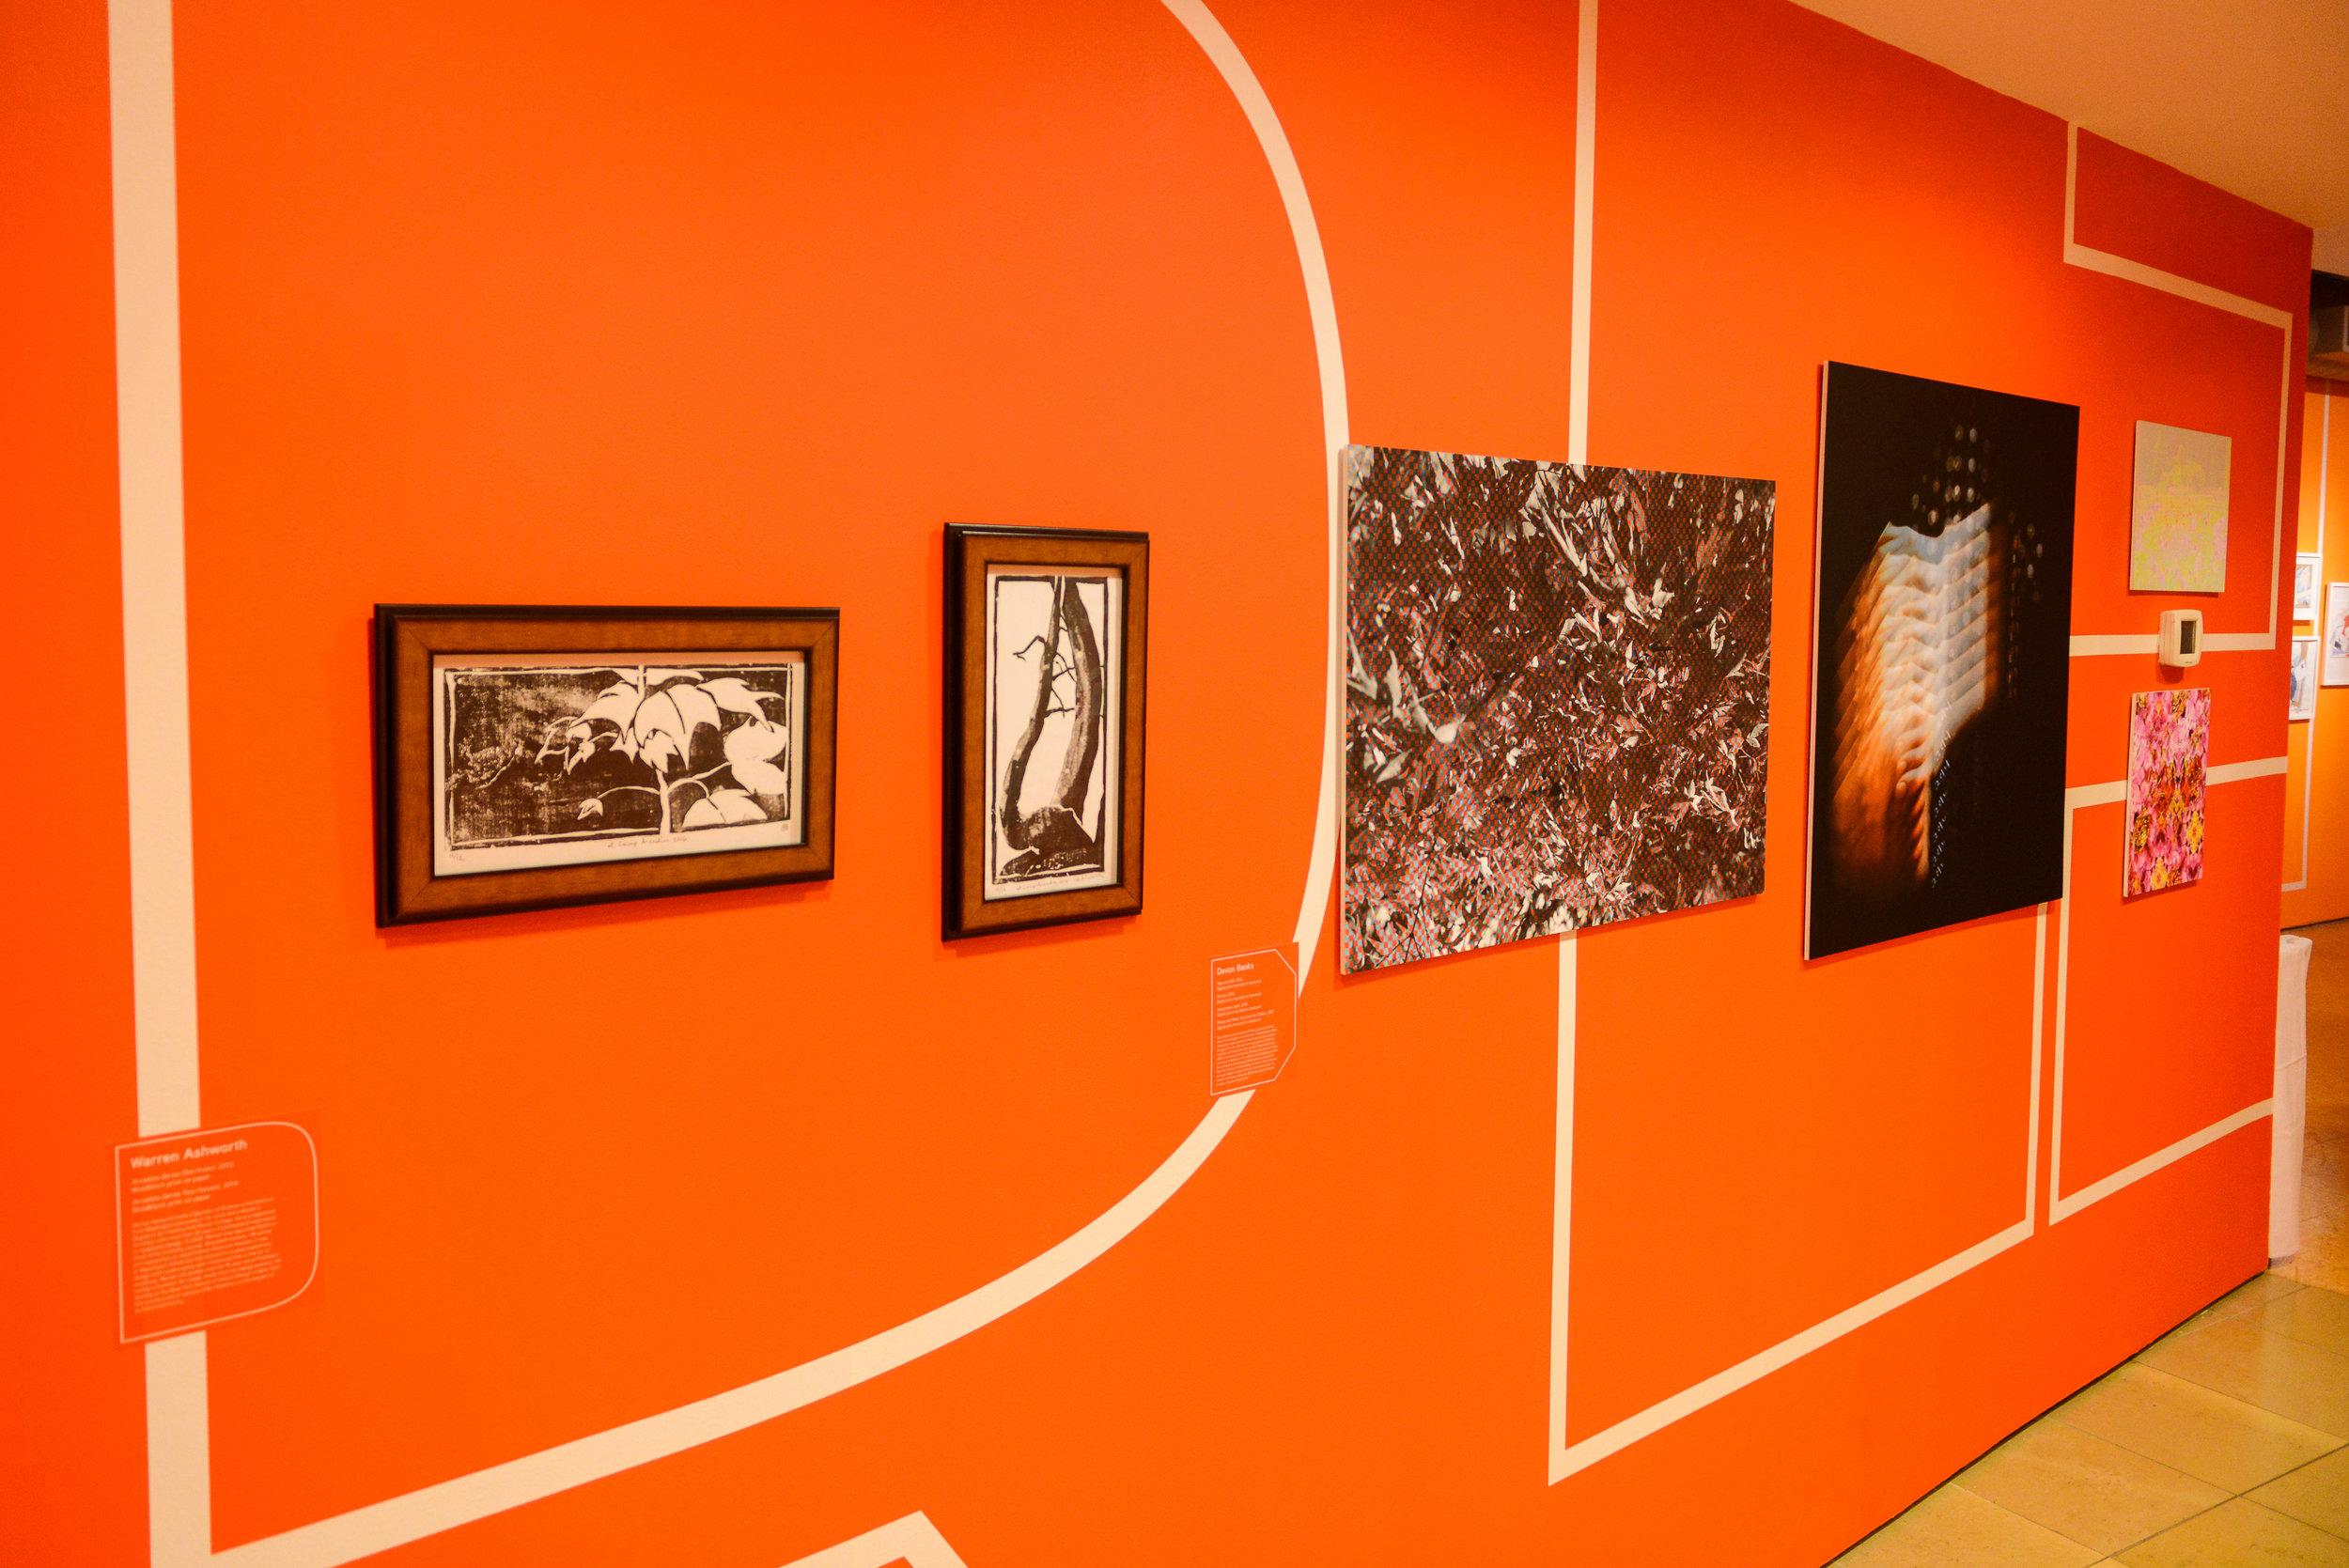 creative-scholarship-a-nysid-faculty-exhibition_23662148608_o[1].jpg